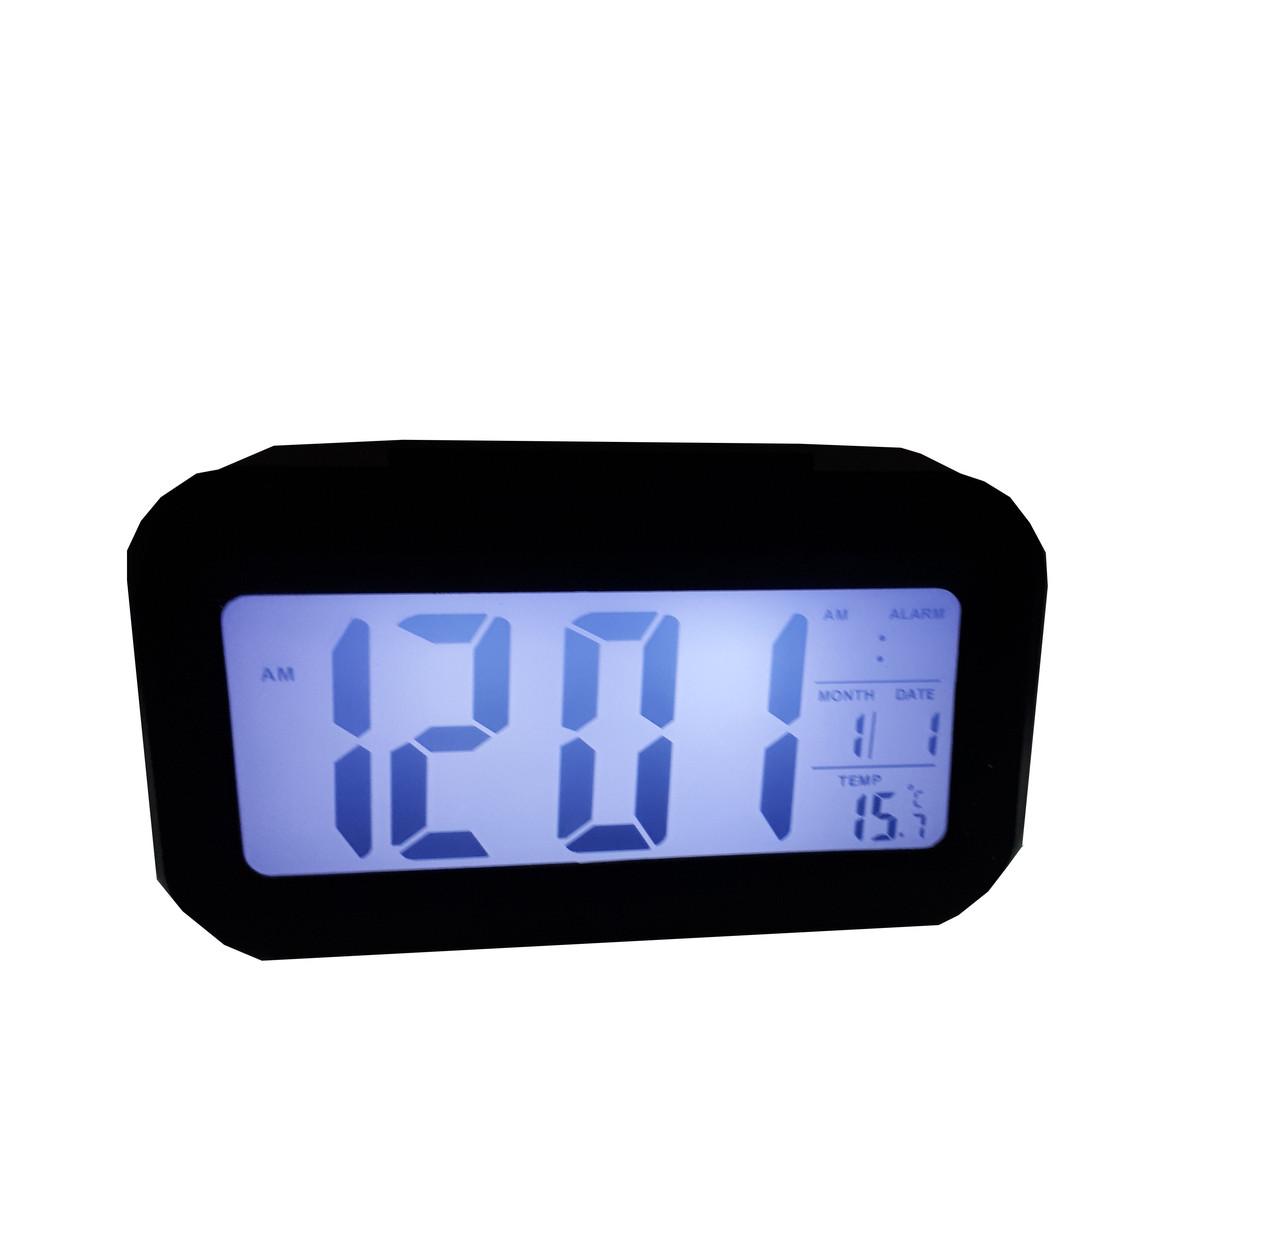 Часы настольные с подсветкой, температурой, будильником. Черный